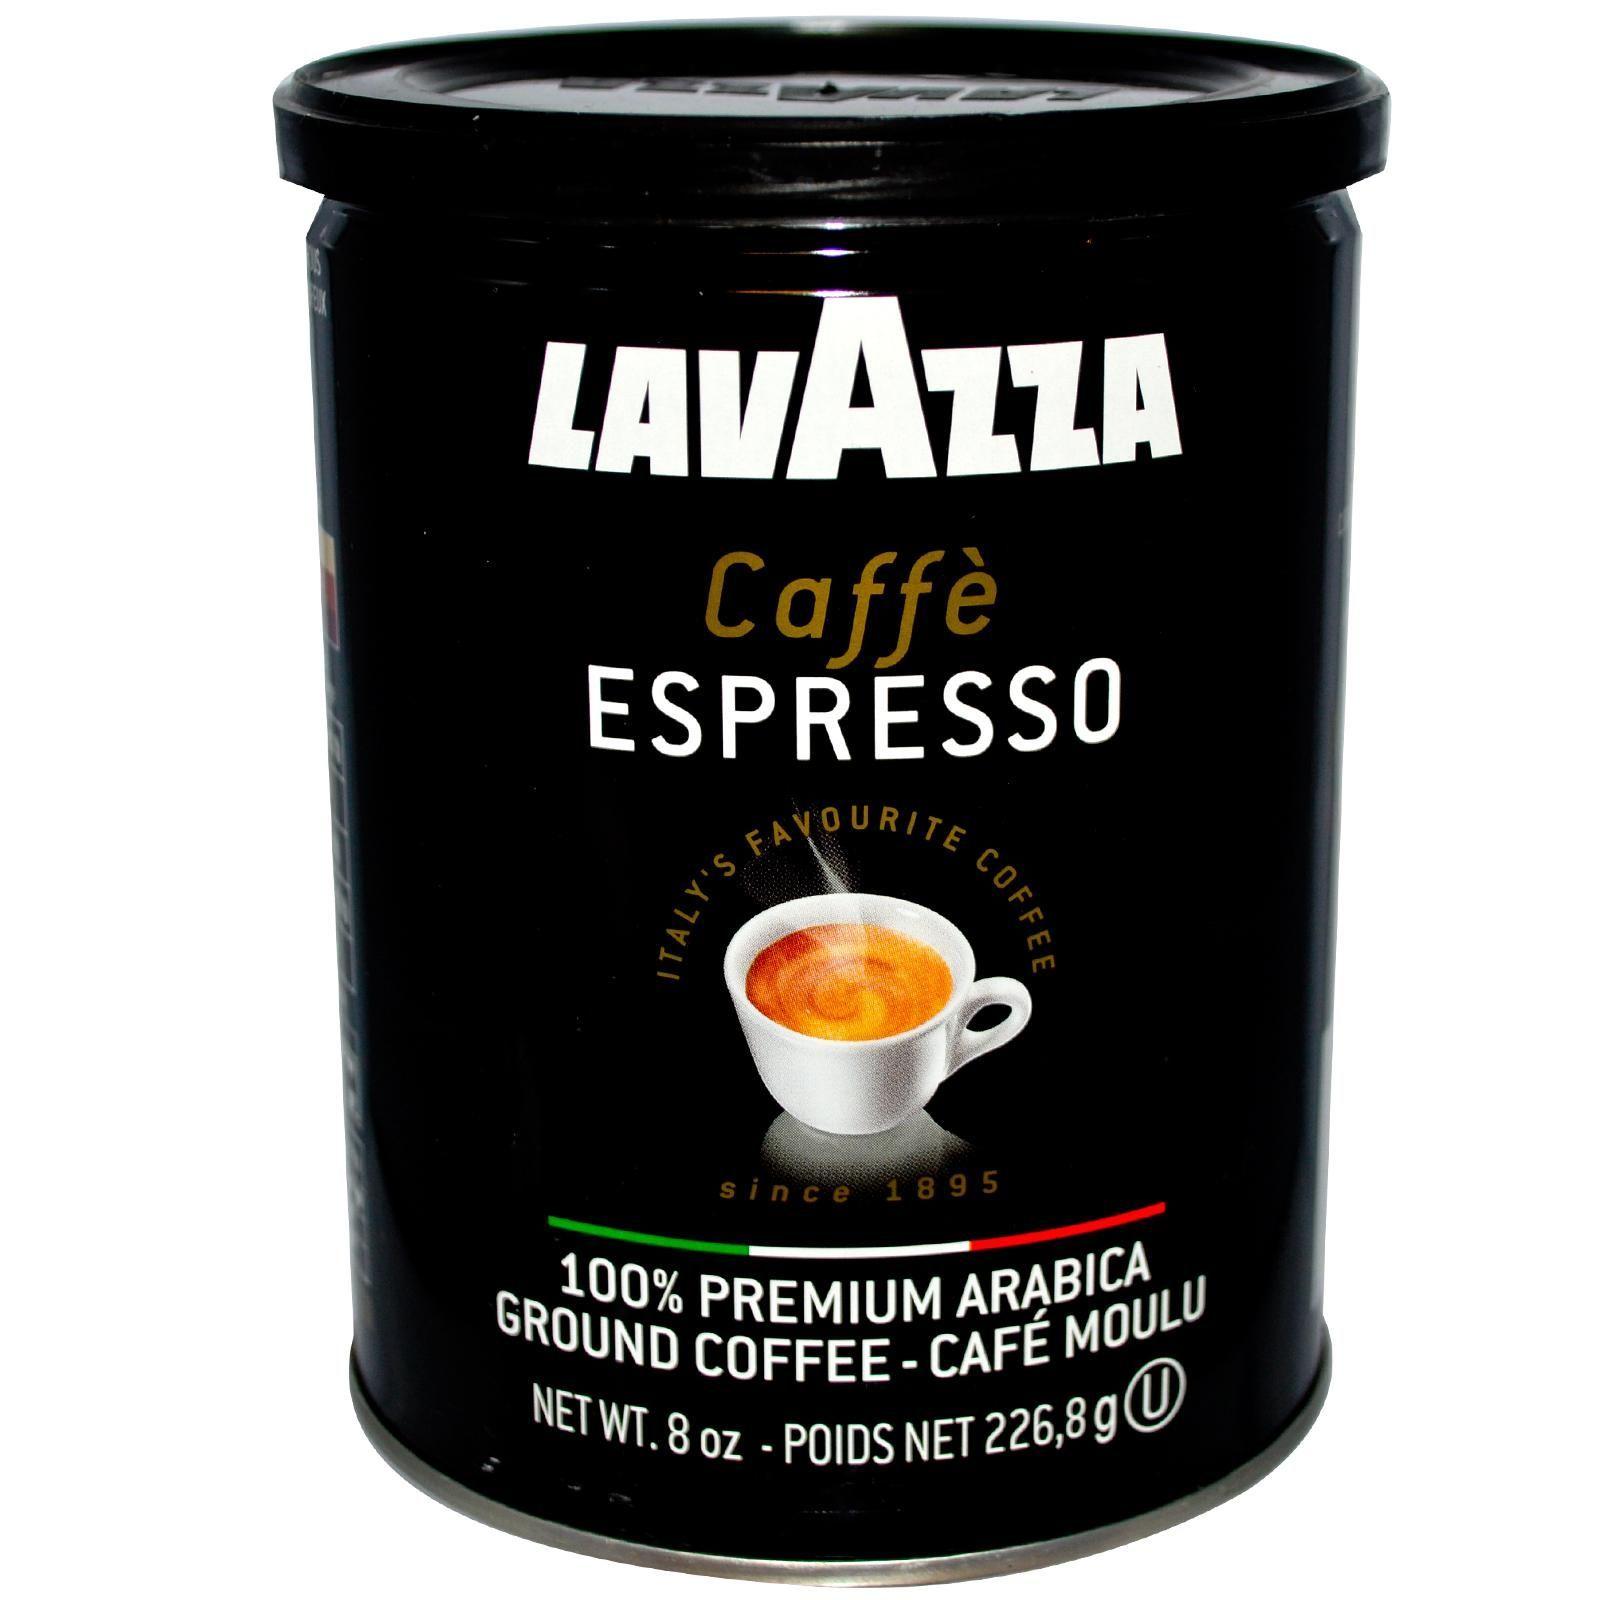 LavAzza Premium Coffee! Italy's Favorite Coffee Since 1895